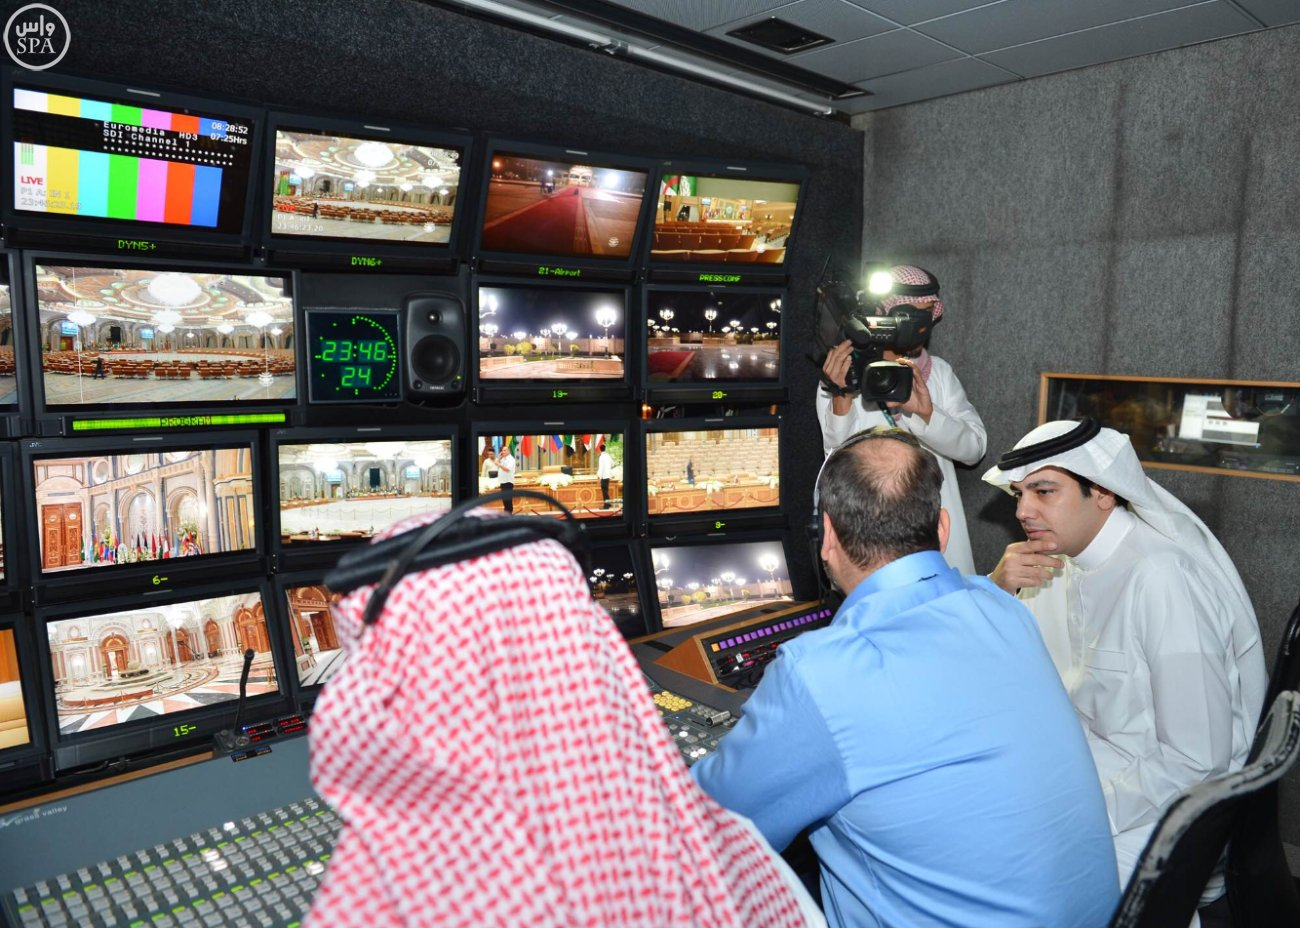 وزير الإعلام يقف على استعدادات-القمة العربية-الاتينية (3)